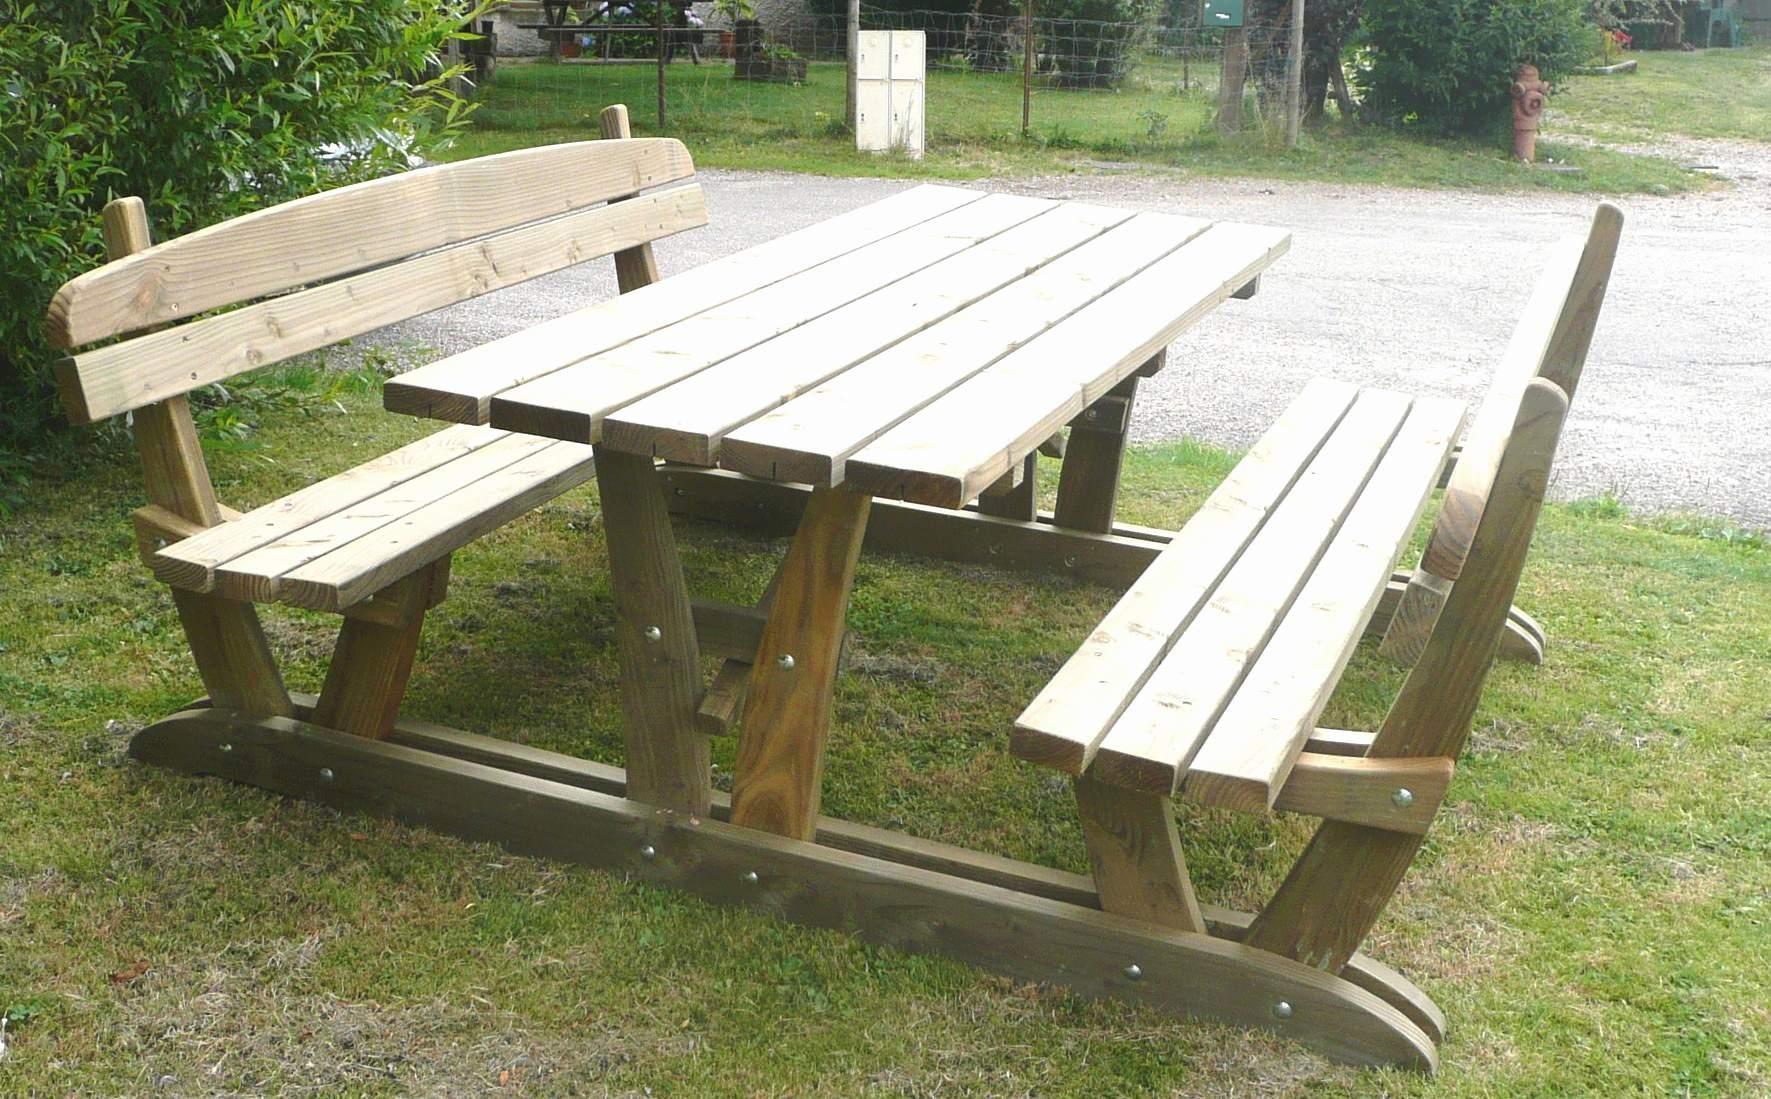 Carrefour Chaises De Jardin Beau Photographie Table Jardin Teck Inspirant Table Et Chaise De Jardin Carrefour